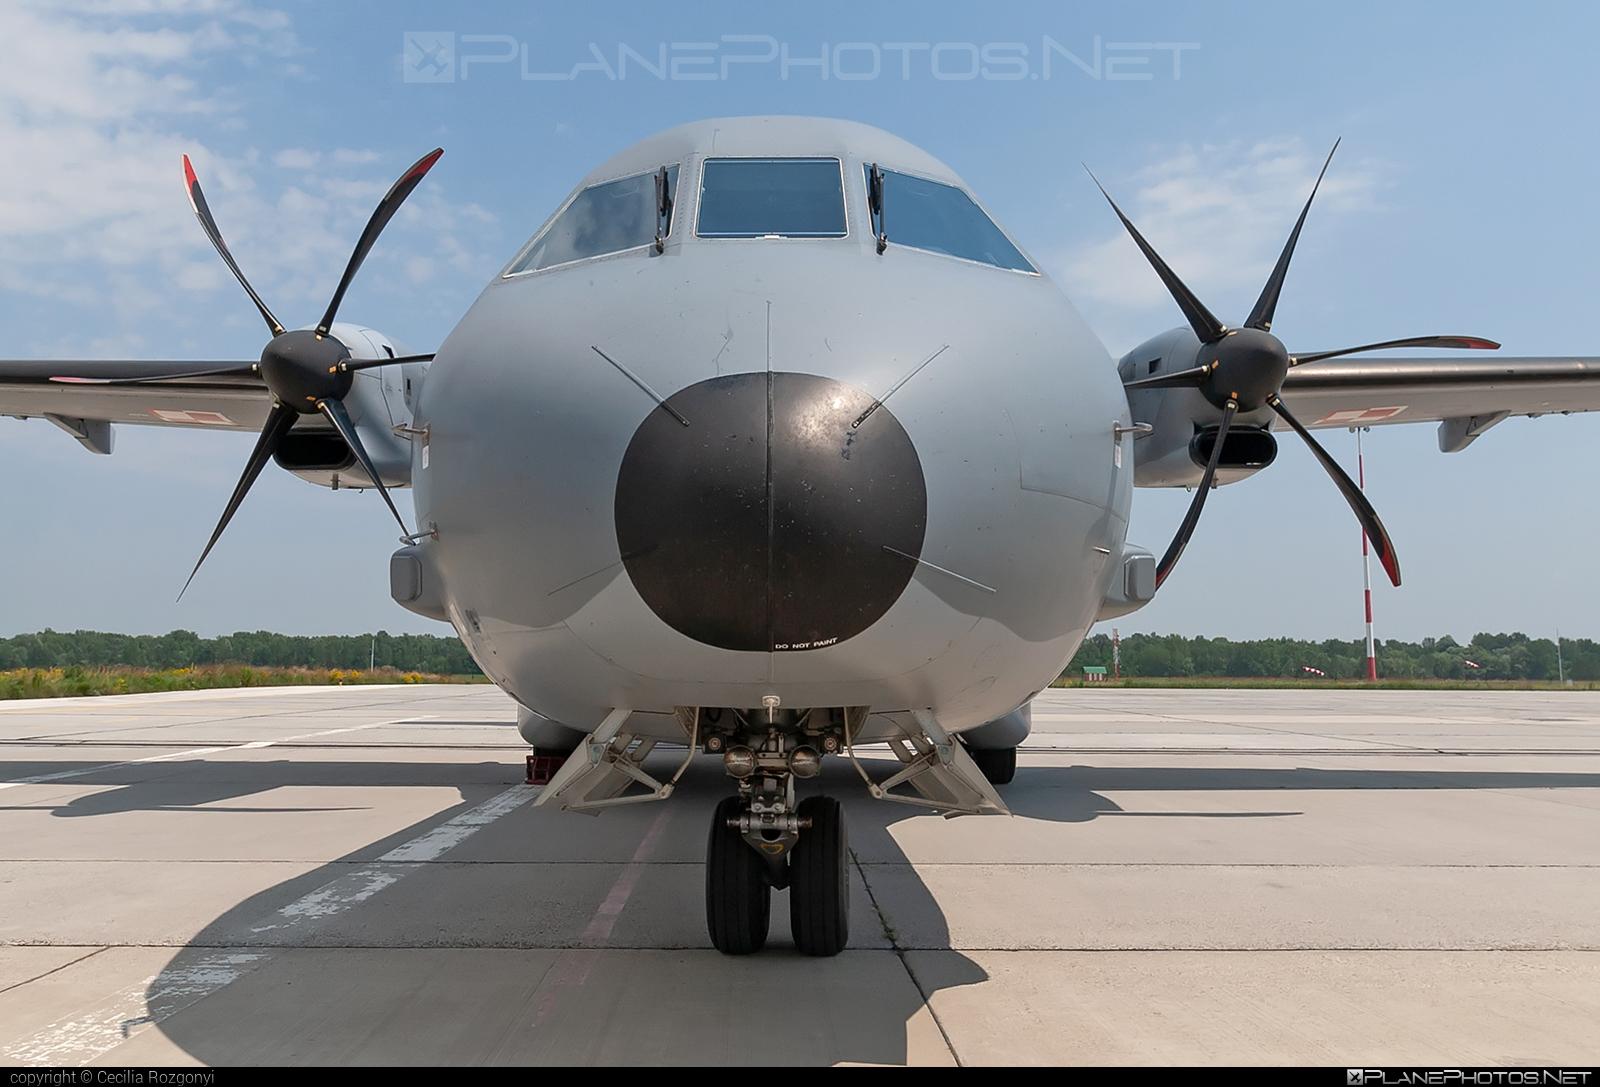 CASA 295M - 018 operated by Siły Powietrzne Rzeczypospolitej Polskiej (Polish Air Force) #casa #polishairforce #silypowietrzne